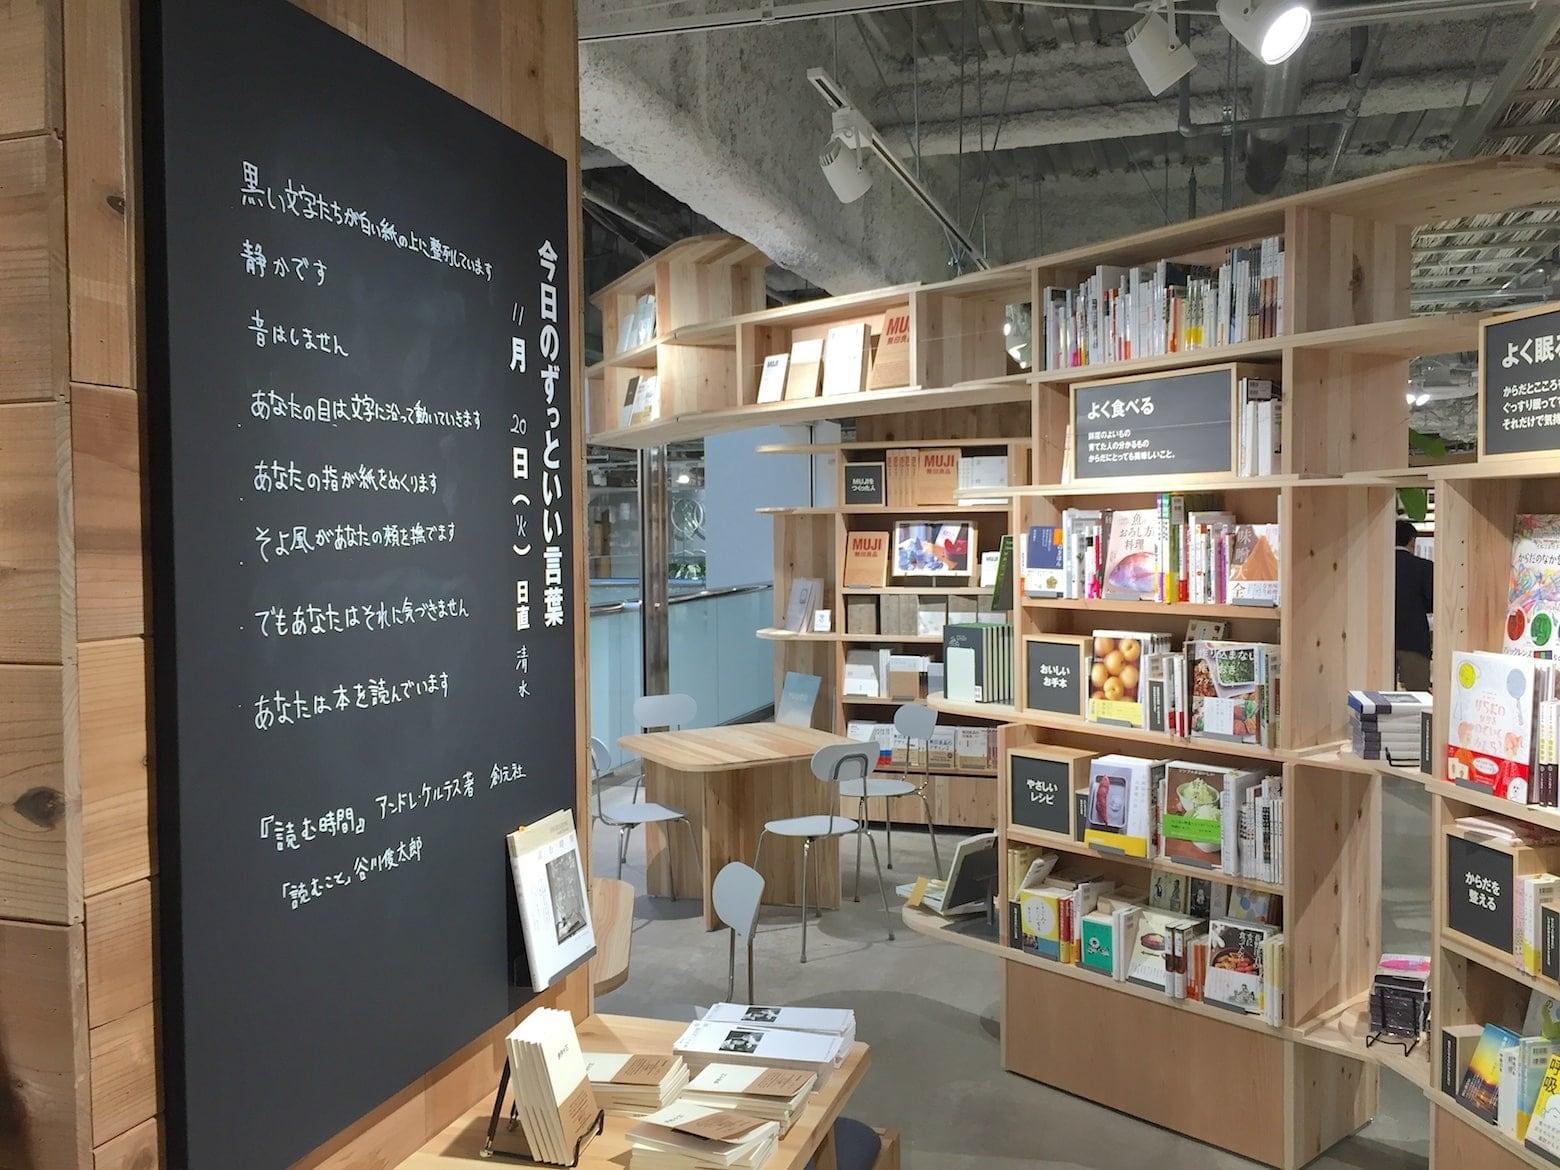 無印良品 近鉄四日市 MUJI BOOKS02